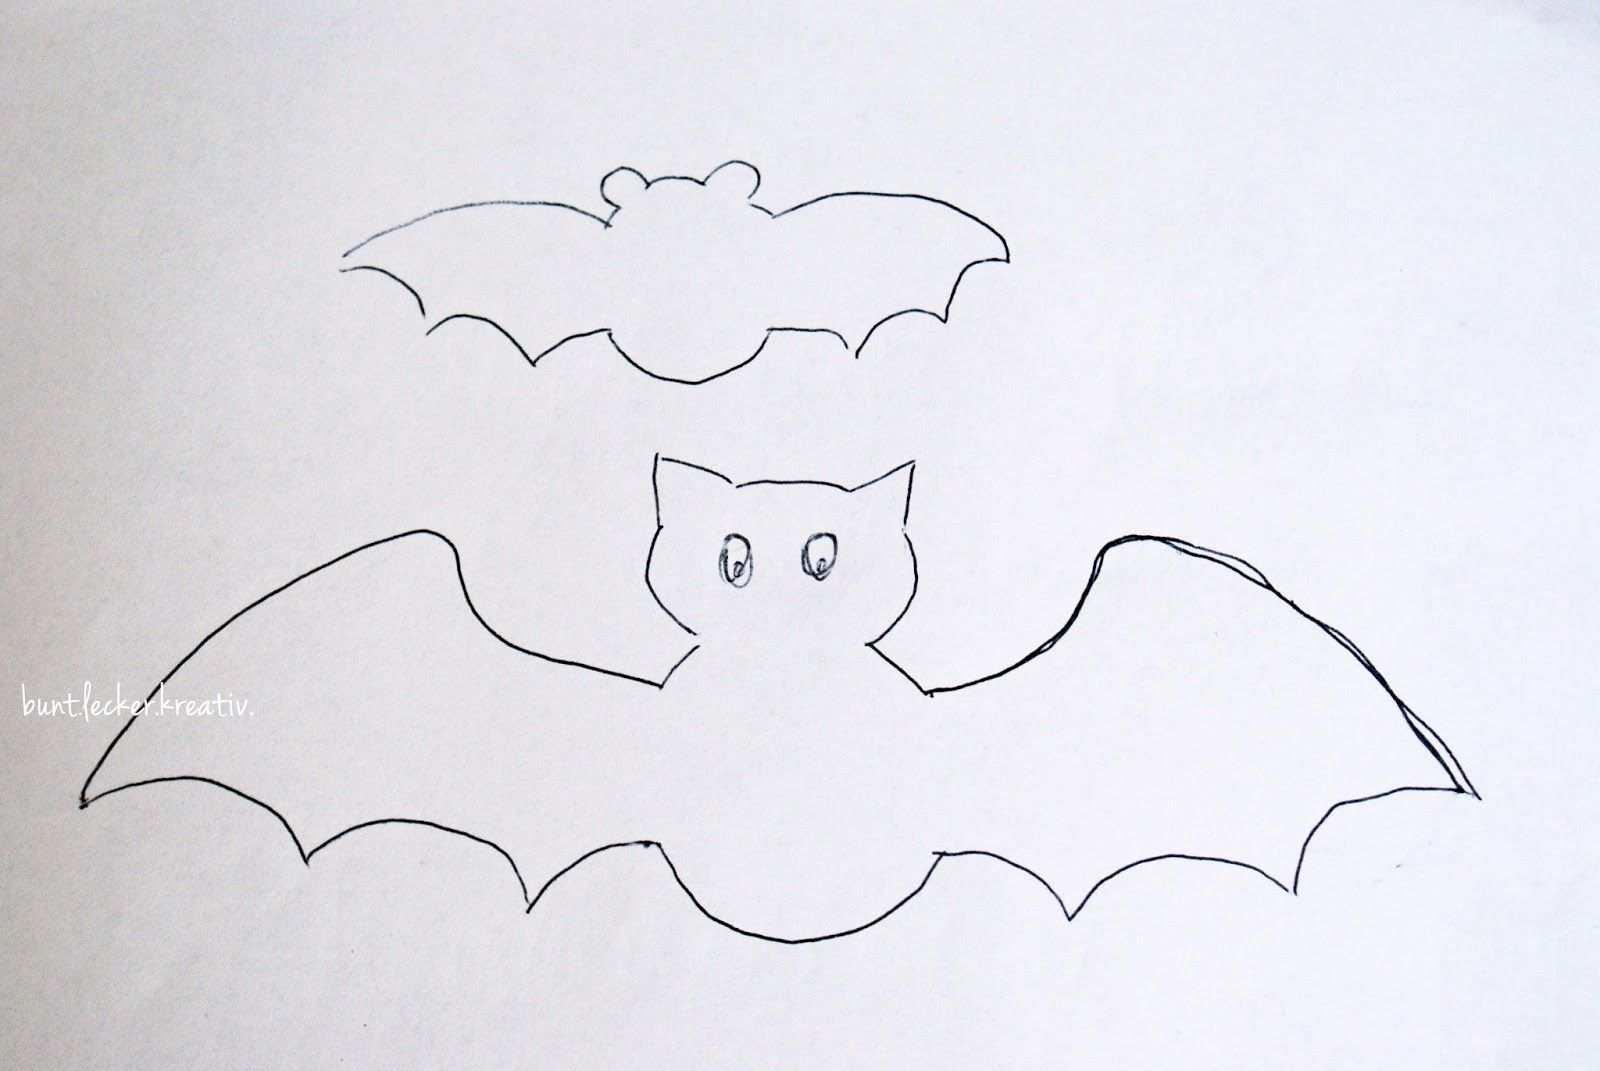 Http 1 Bp Blogspot Com Khgpeotpzre Vioahwruimi Aaaaaaaagtq Yagznztkltk S1600 Halloween 2bfle Fledermaus Vorlage Fledermaus Ausmalbild Fledermaus Malvorlagen